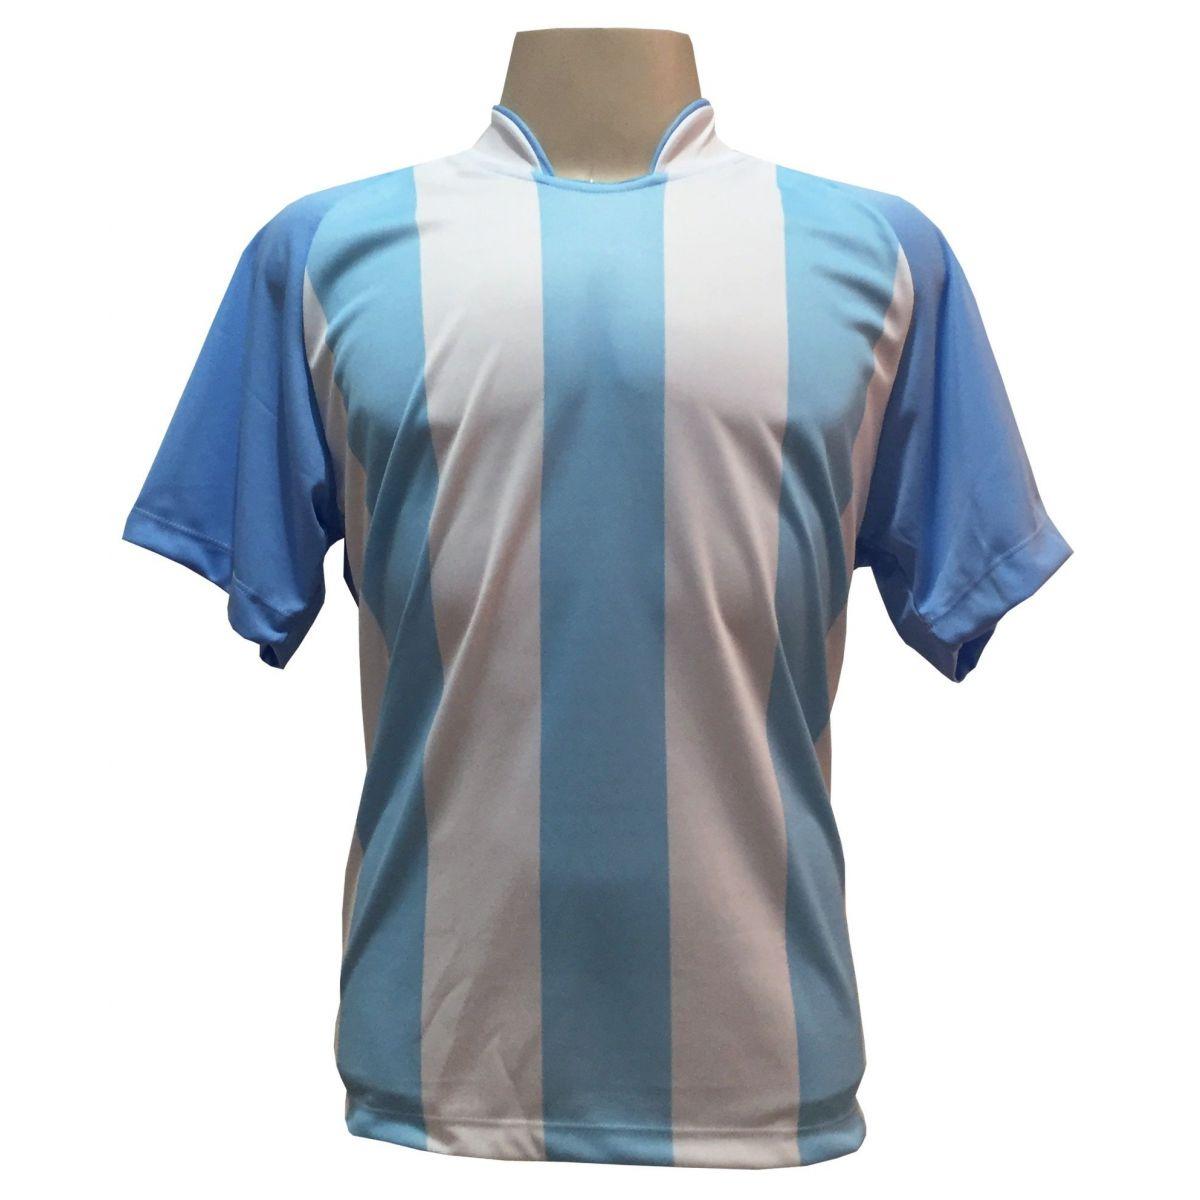 Uniforme Esportivo com 18 camisas modelo Milan Celeste/Branco + 18 calções modelo Madrid Branco + Brindes